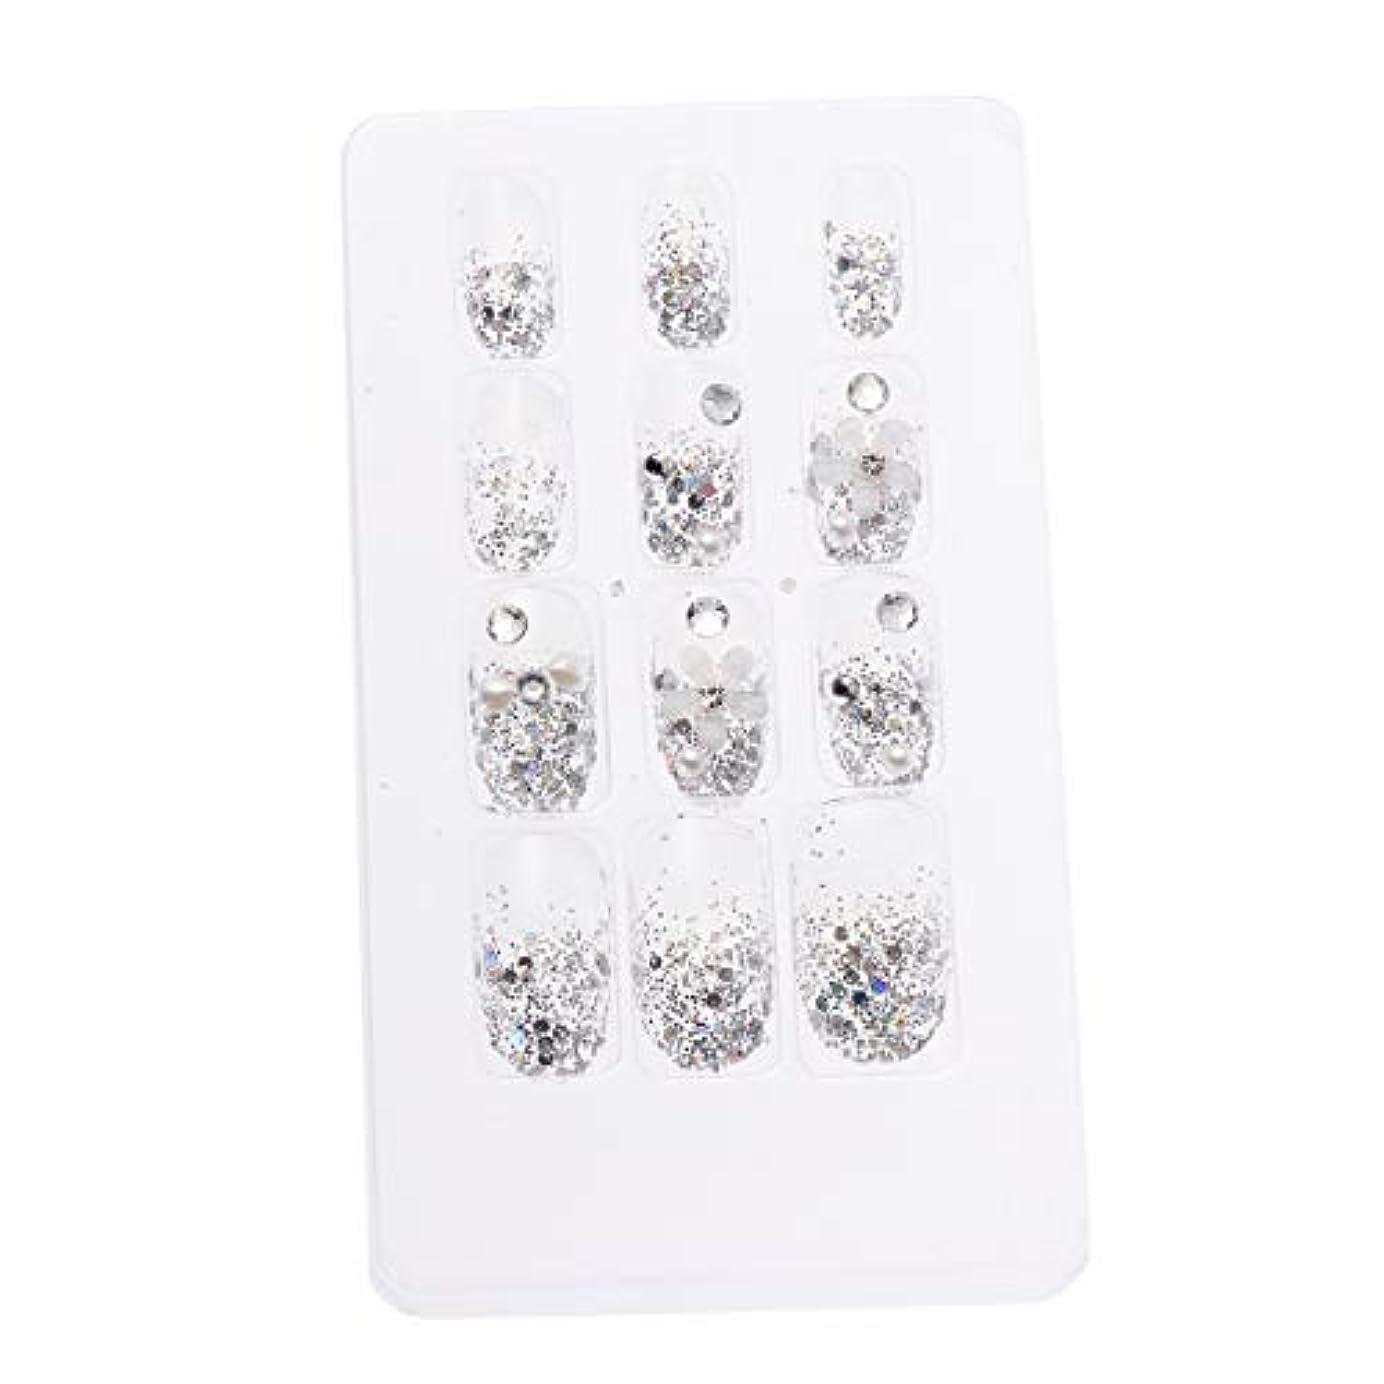 抽出おかしい大きなスケールで見るとLURROSE 24ピースネイルステッカー 人工ダイヤモンド装飾ネイルアート用ブライダル女性